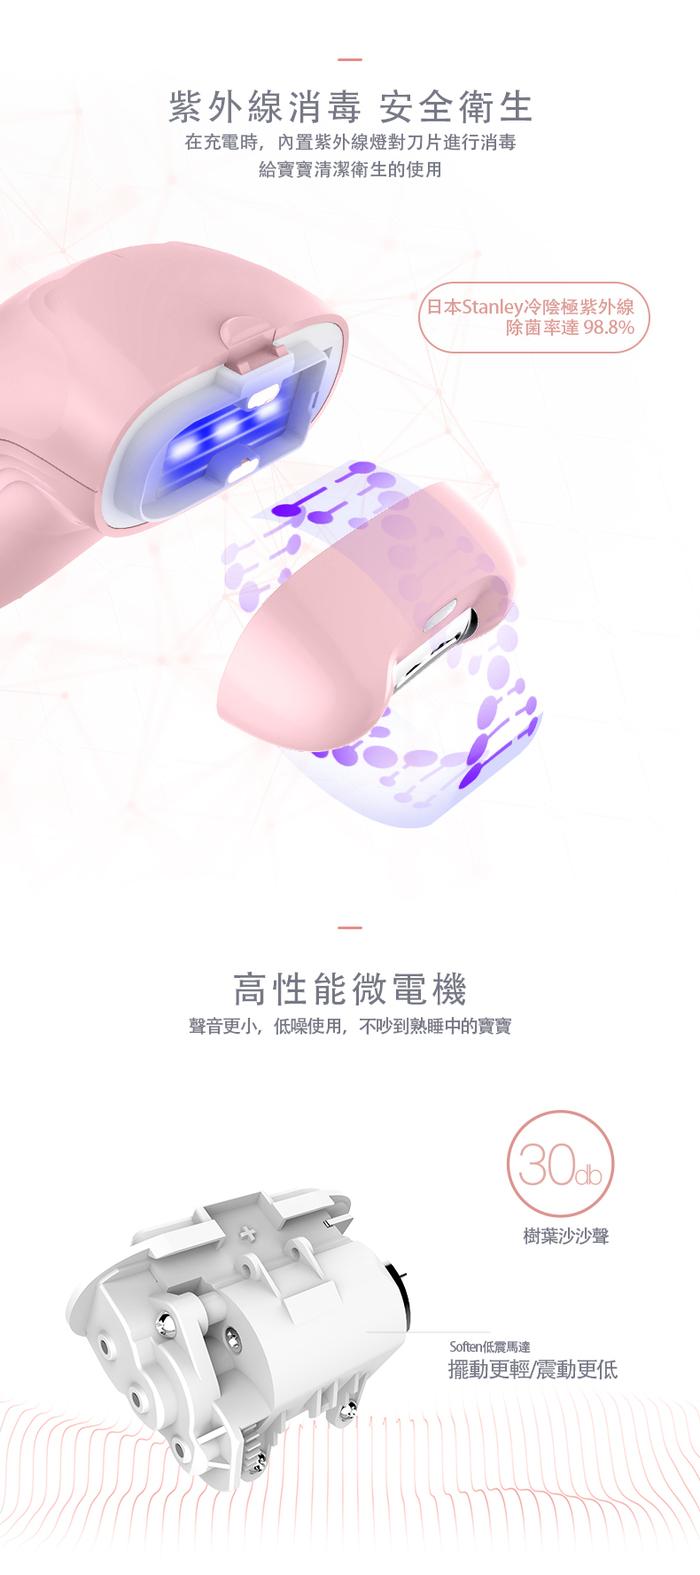 【集購】美國Babynice|最安全 最專業的 嬰兒電動指甲剪(3色)